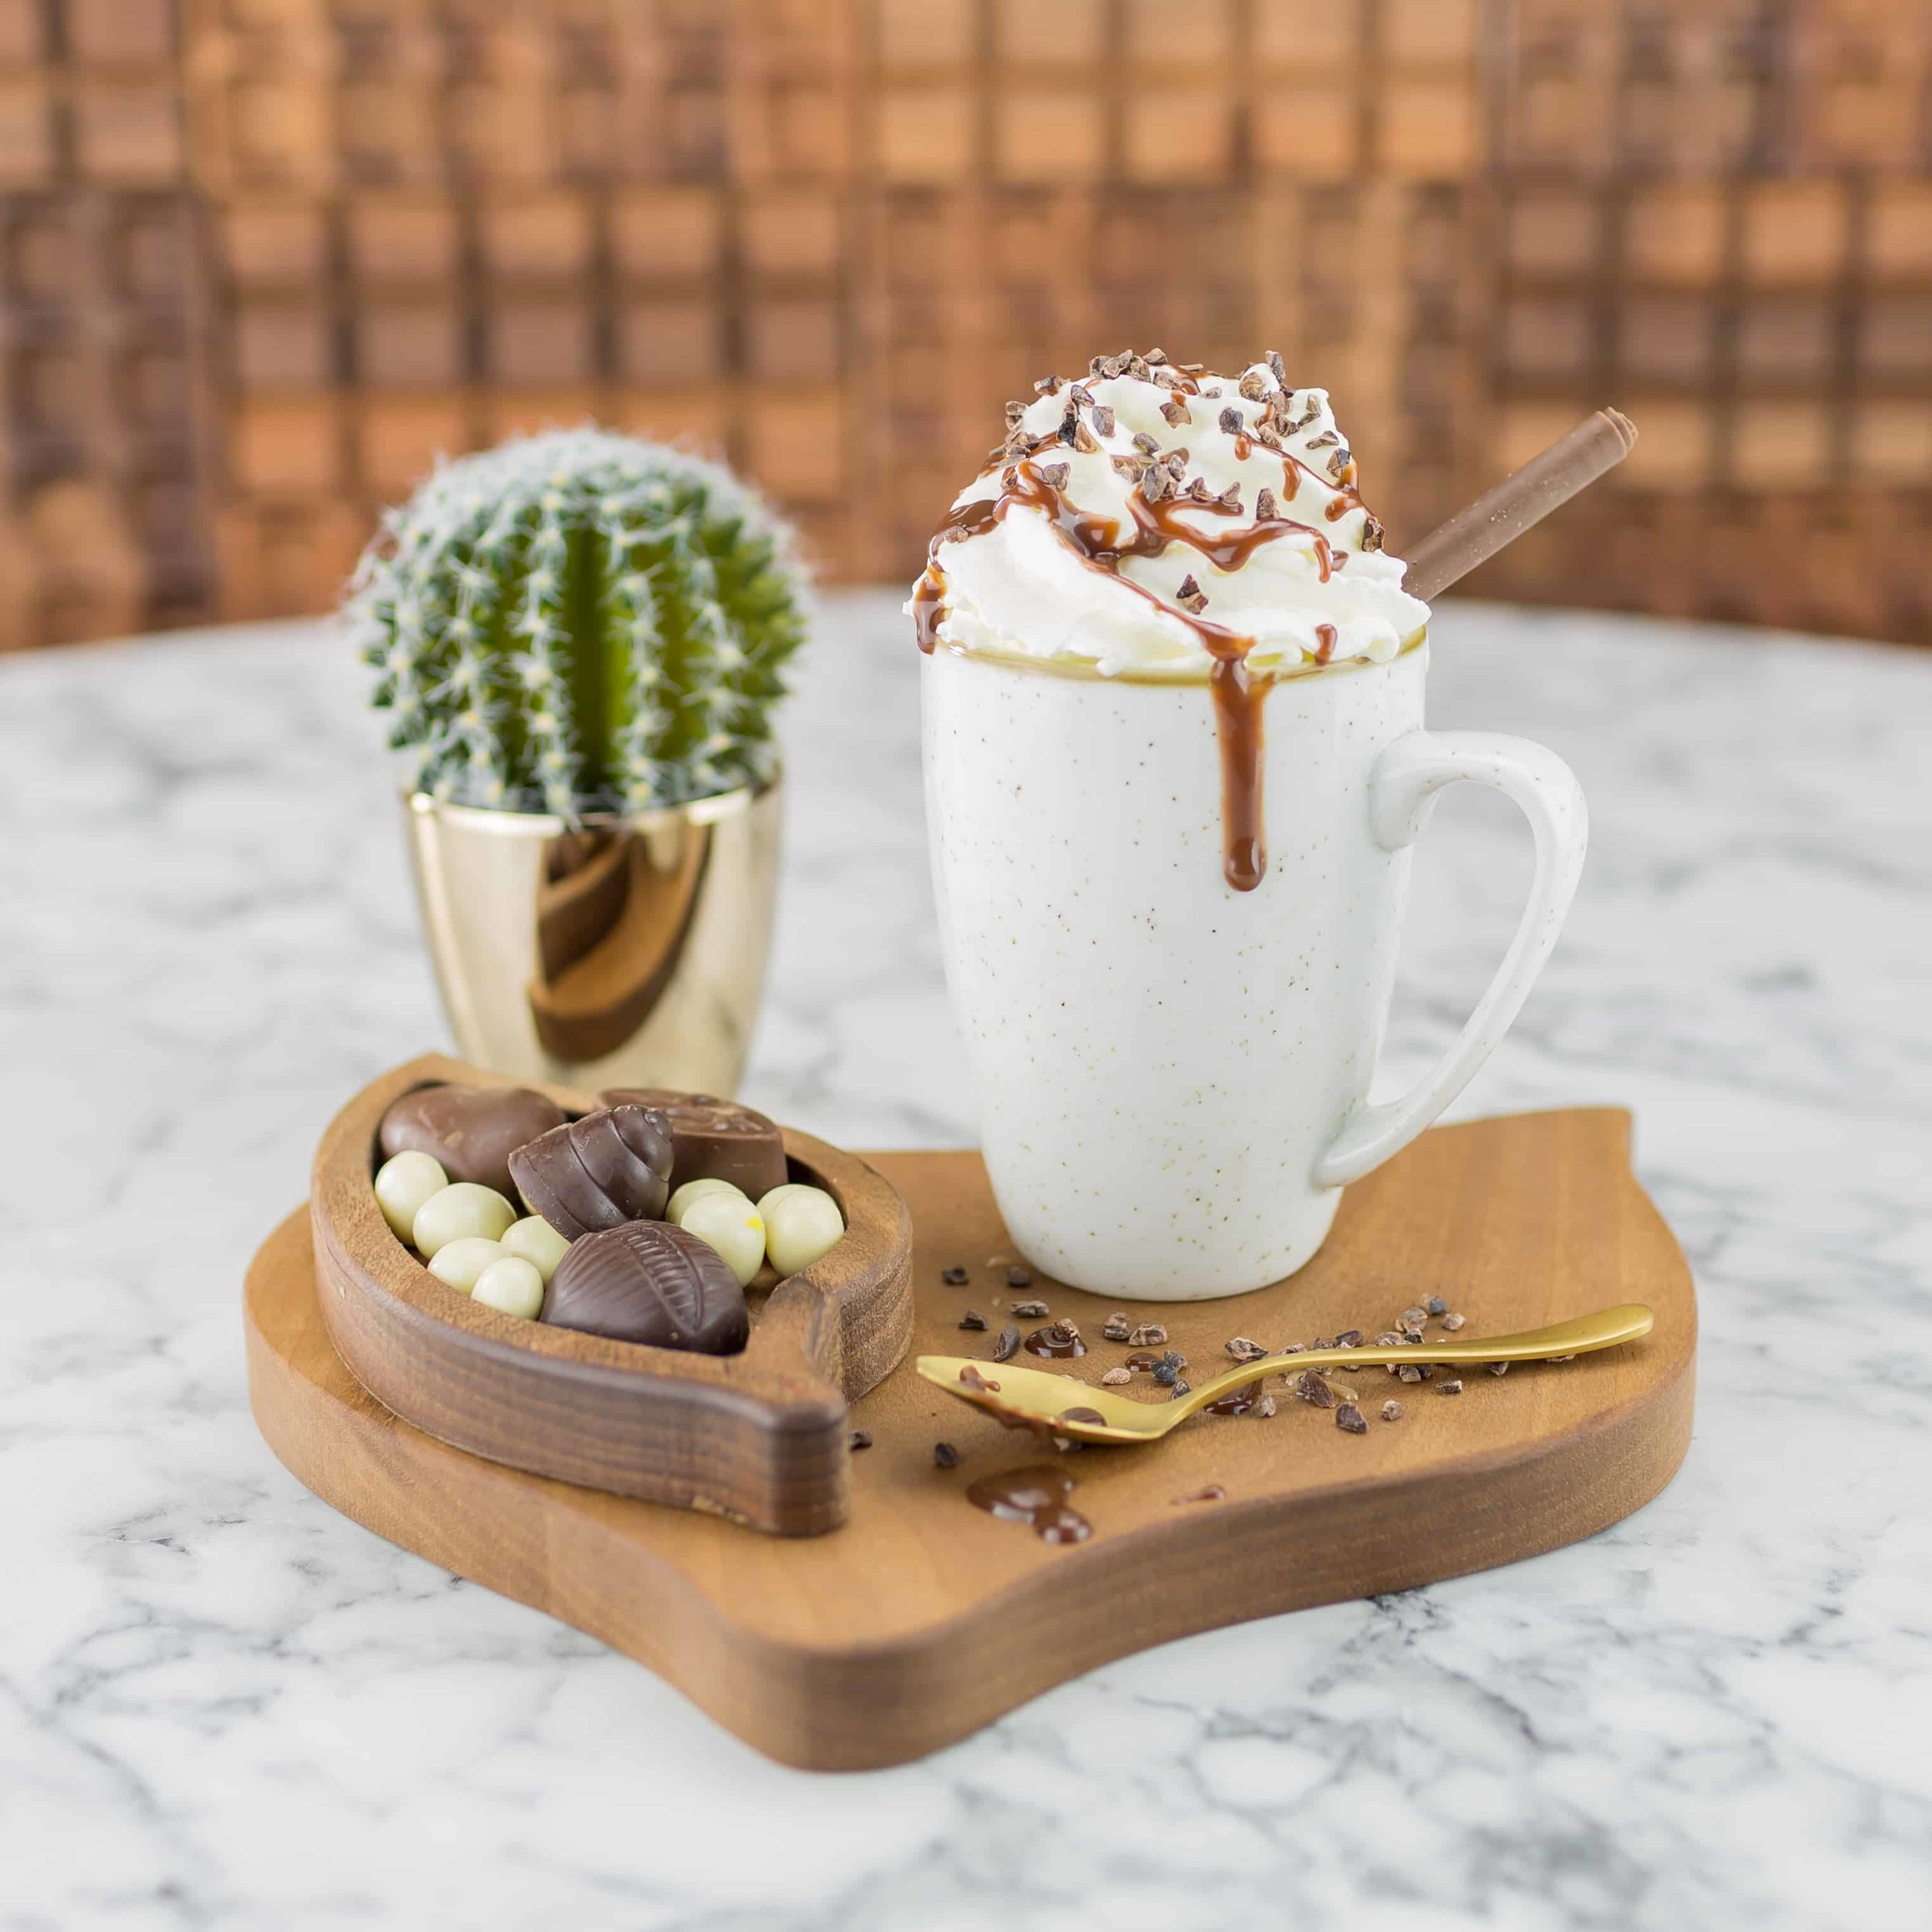 Proef de kwaliteit - De chocolade van ChiqueOLatte is door chocolademakers gemaakt, volgens het bean-to-bar-concept. En dat proef je! Alle chocolade heeft een hoog cacaopercentage en is bereid met natuurlijke suikers. Daarom mag je best een extra portie nemen. Kijk aan het eind van je bezoek eens rustig rond in het winkeltje en neem je favoriete reep mee naar huis. Geen chocoladefan? ChiqueOLatte serveert ook lekkere gebakjes.